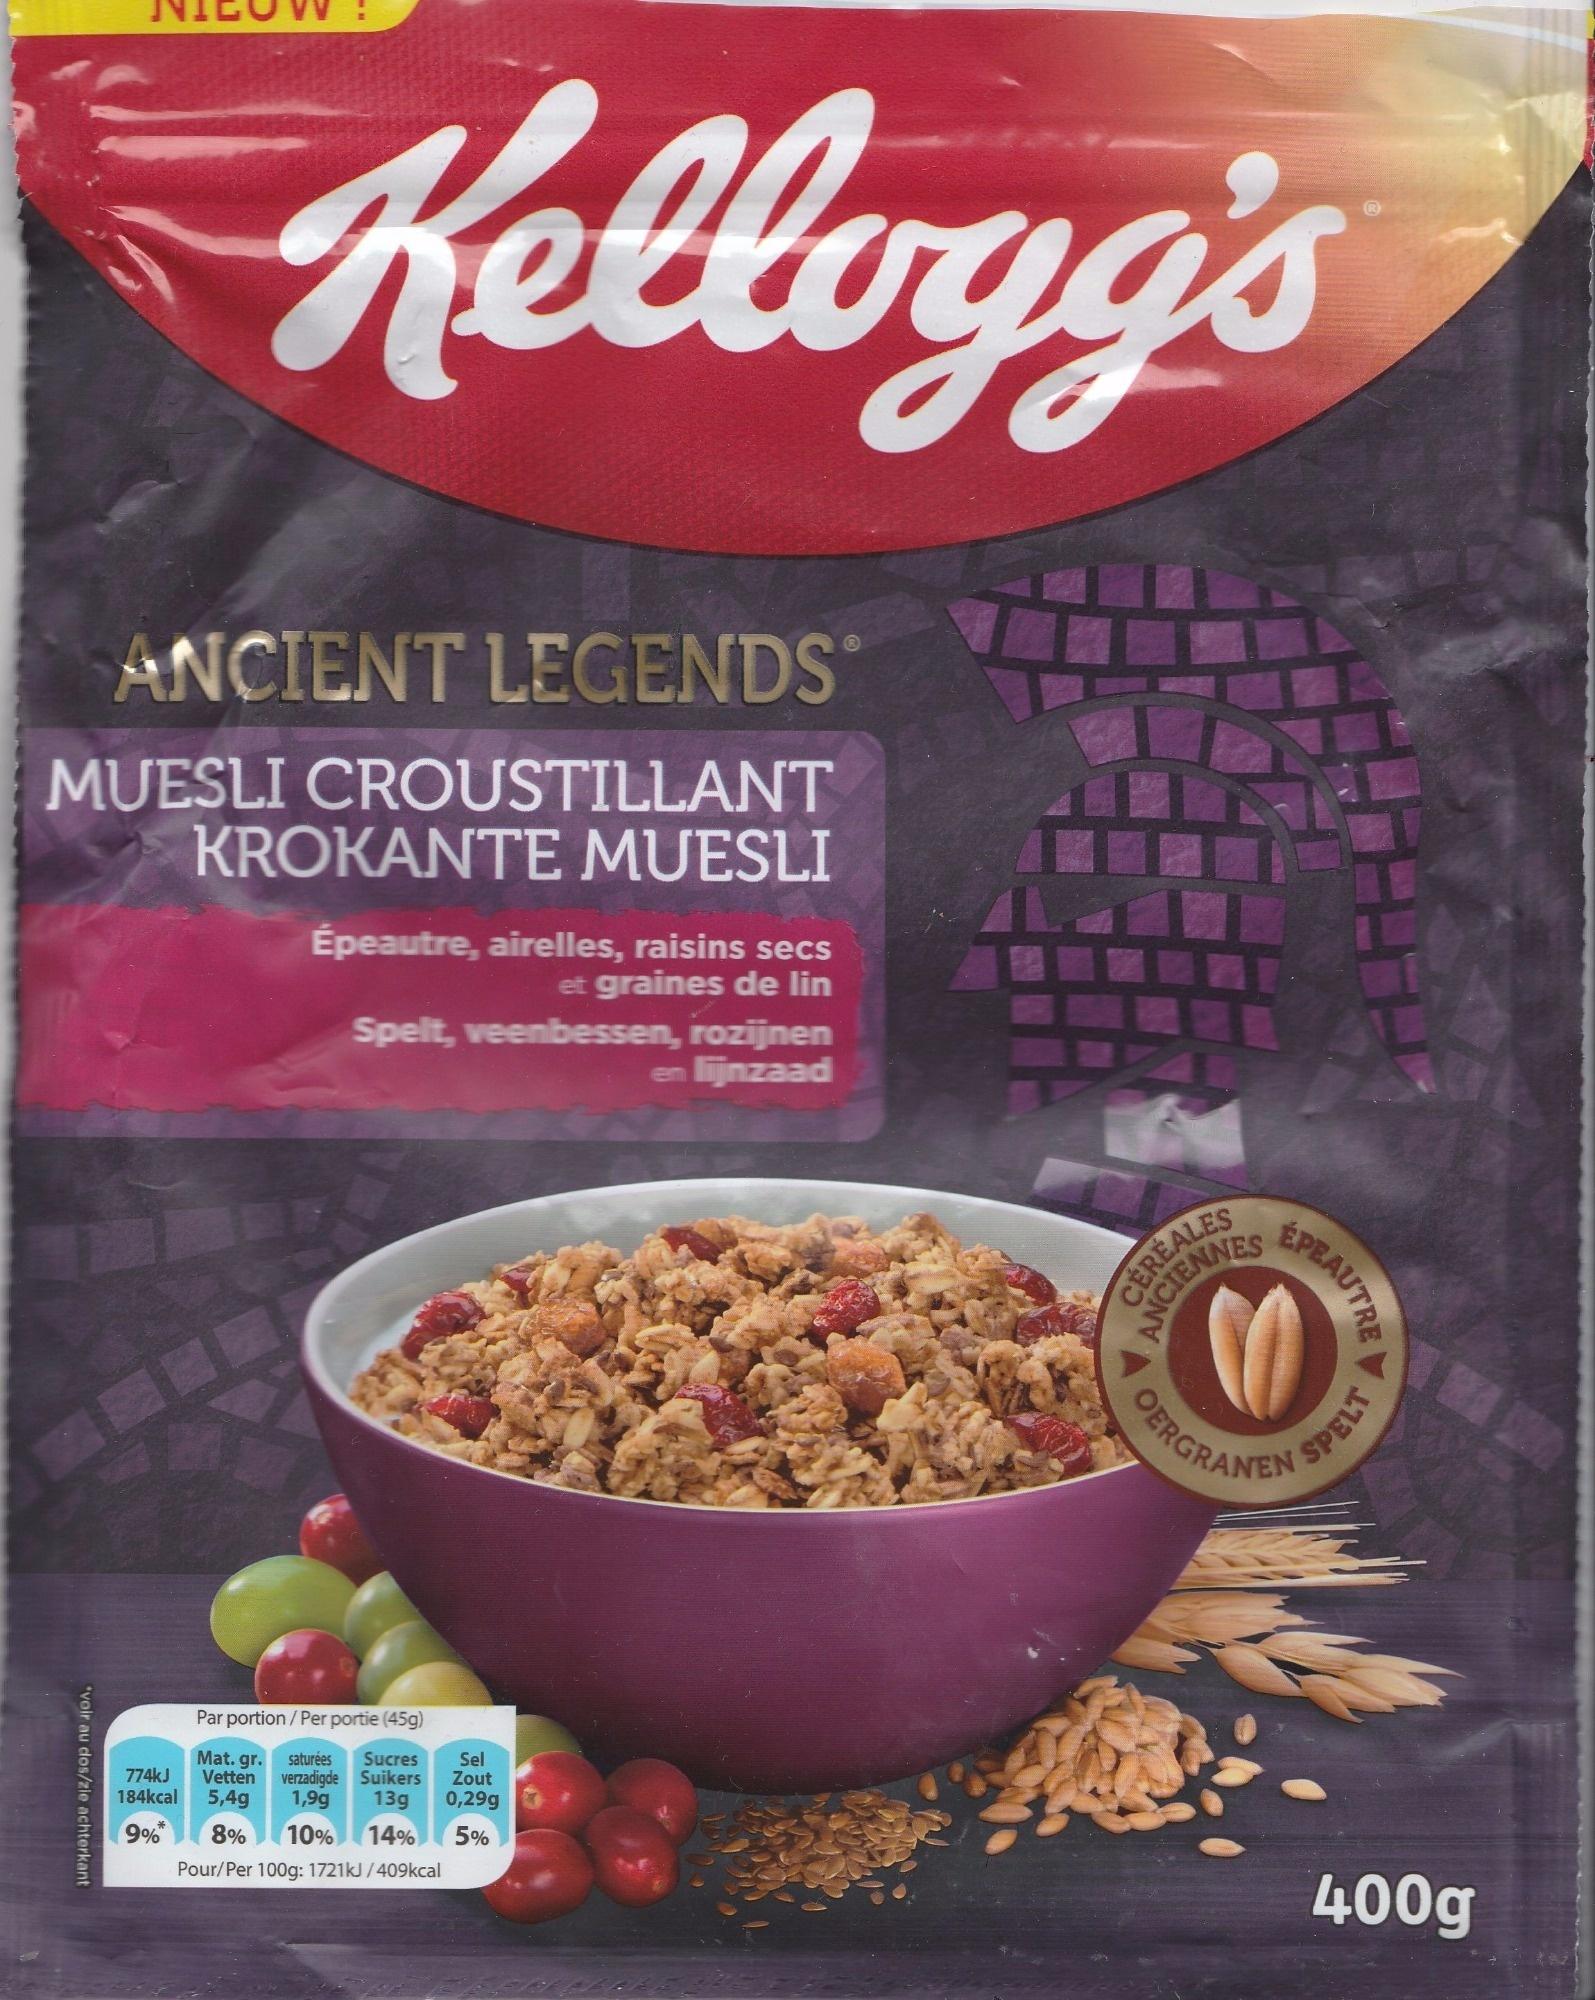 Muesli Croustillant (Epeautre, airelles, raisins secs et graines de lin) - Product - fr